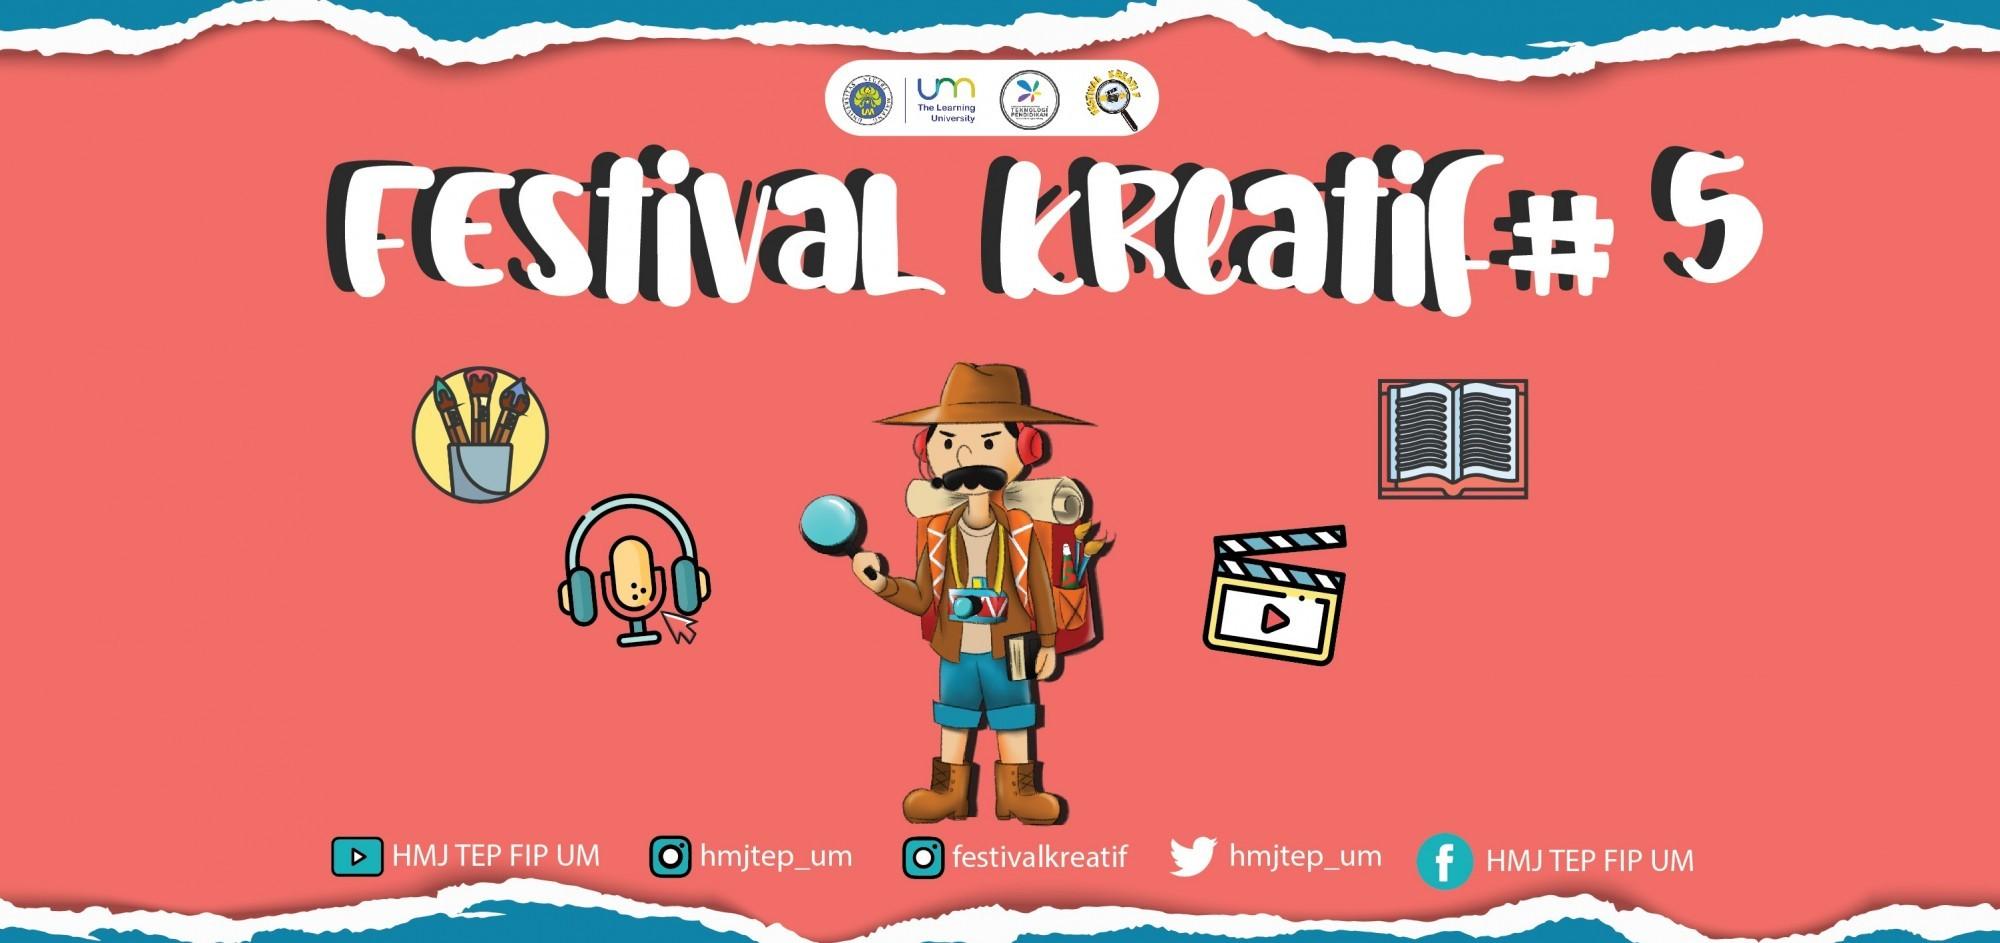 Festival Kreatif#5